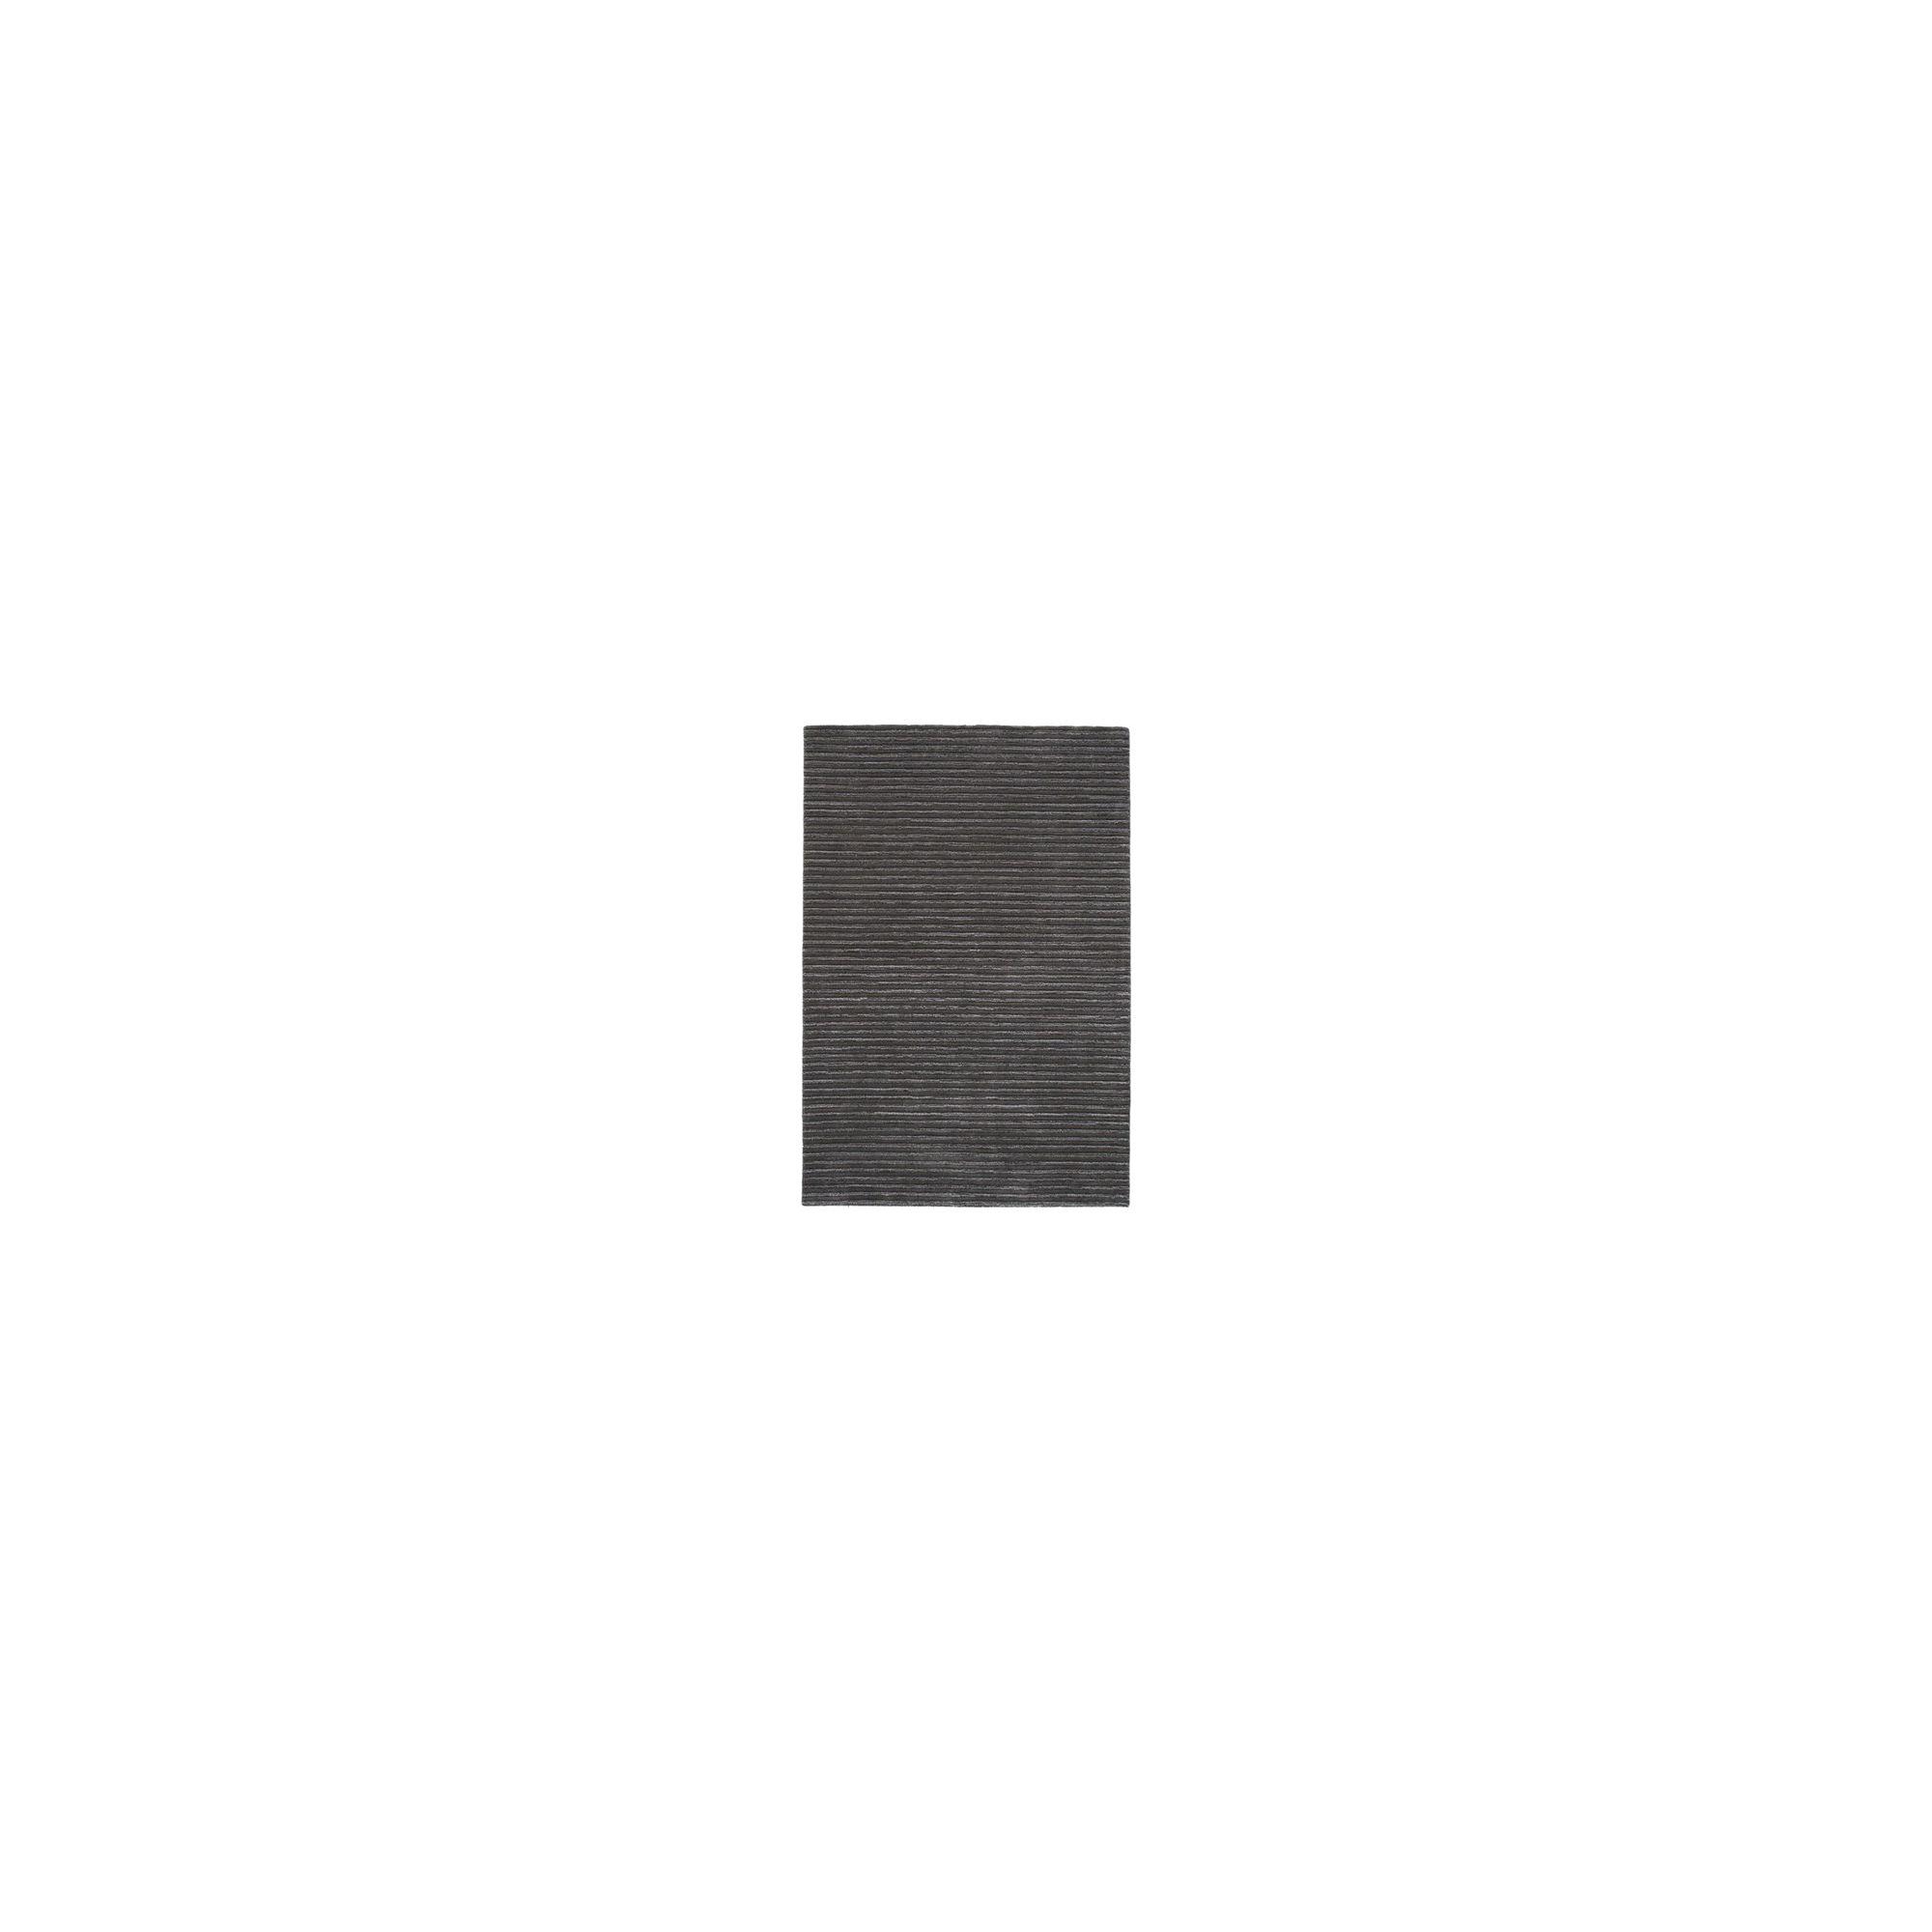 Linie Design Trojka Dark Grey Rug - 240cm x 170cm at Tesco Direct